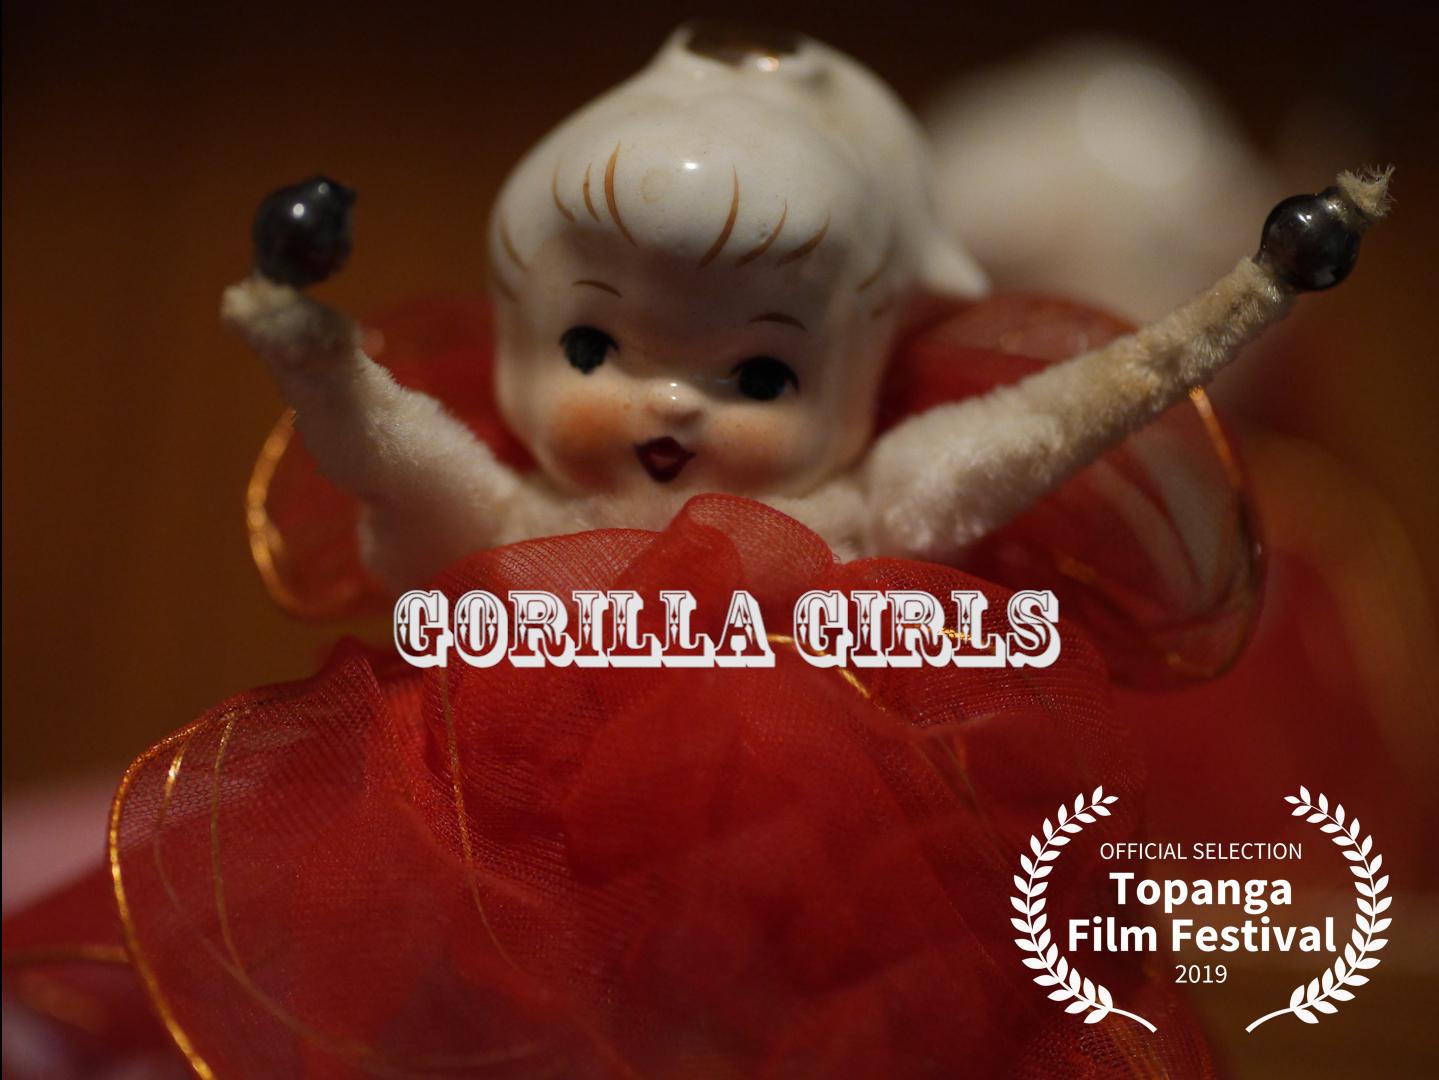 Gorilla girlz-Topenga-no edges.jpg